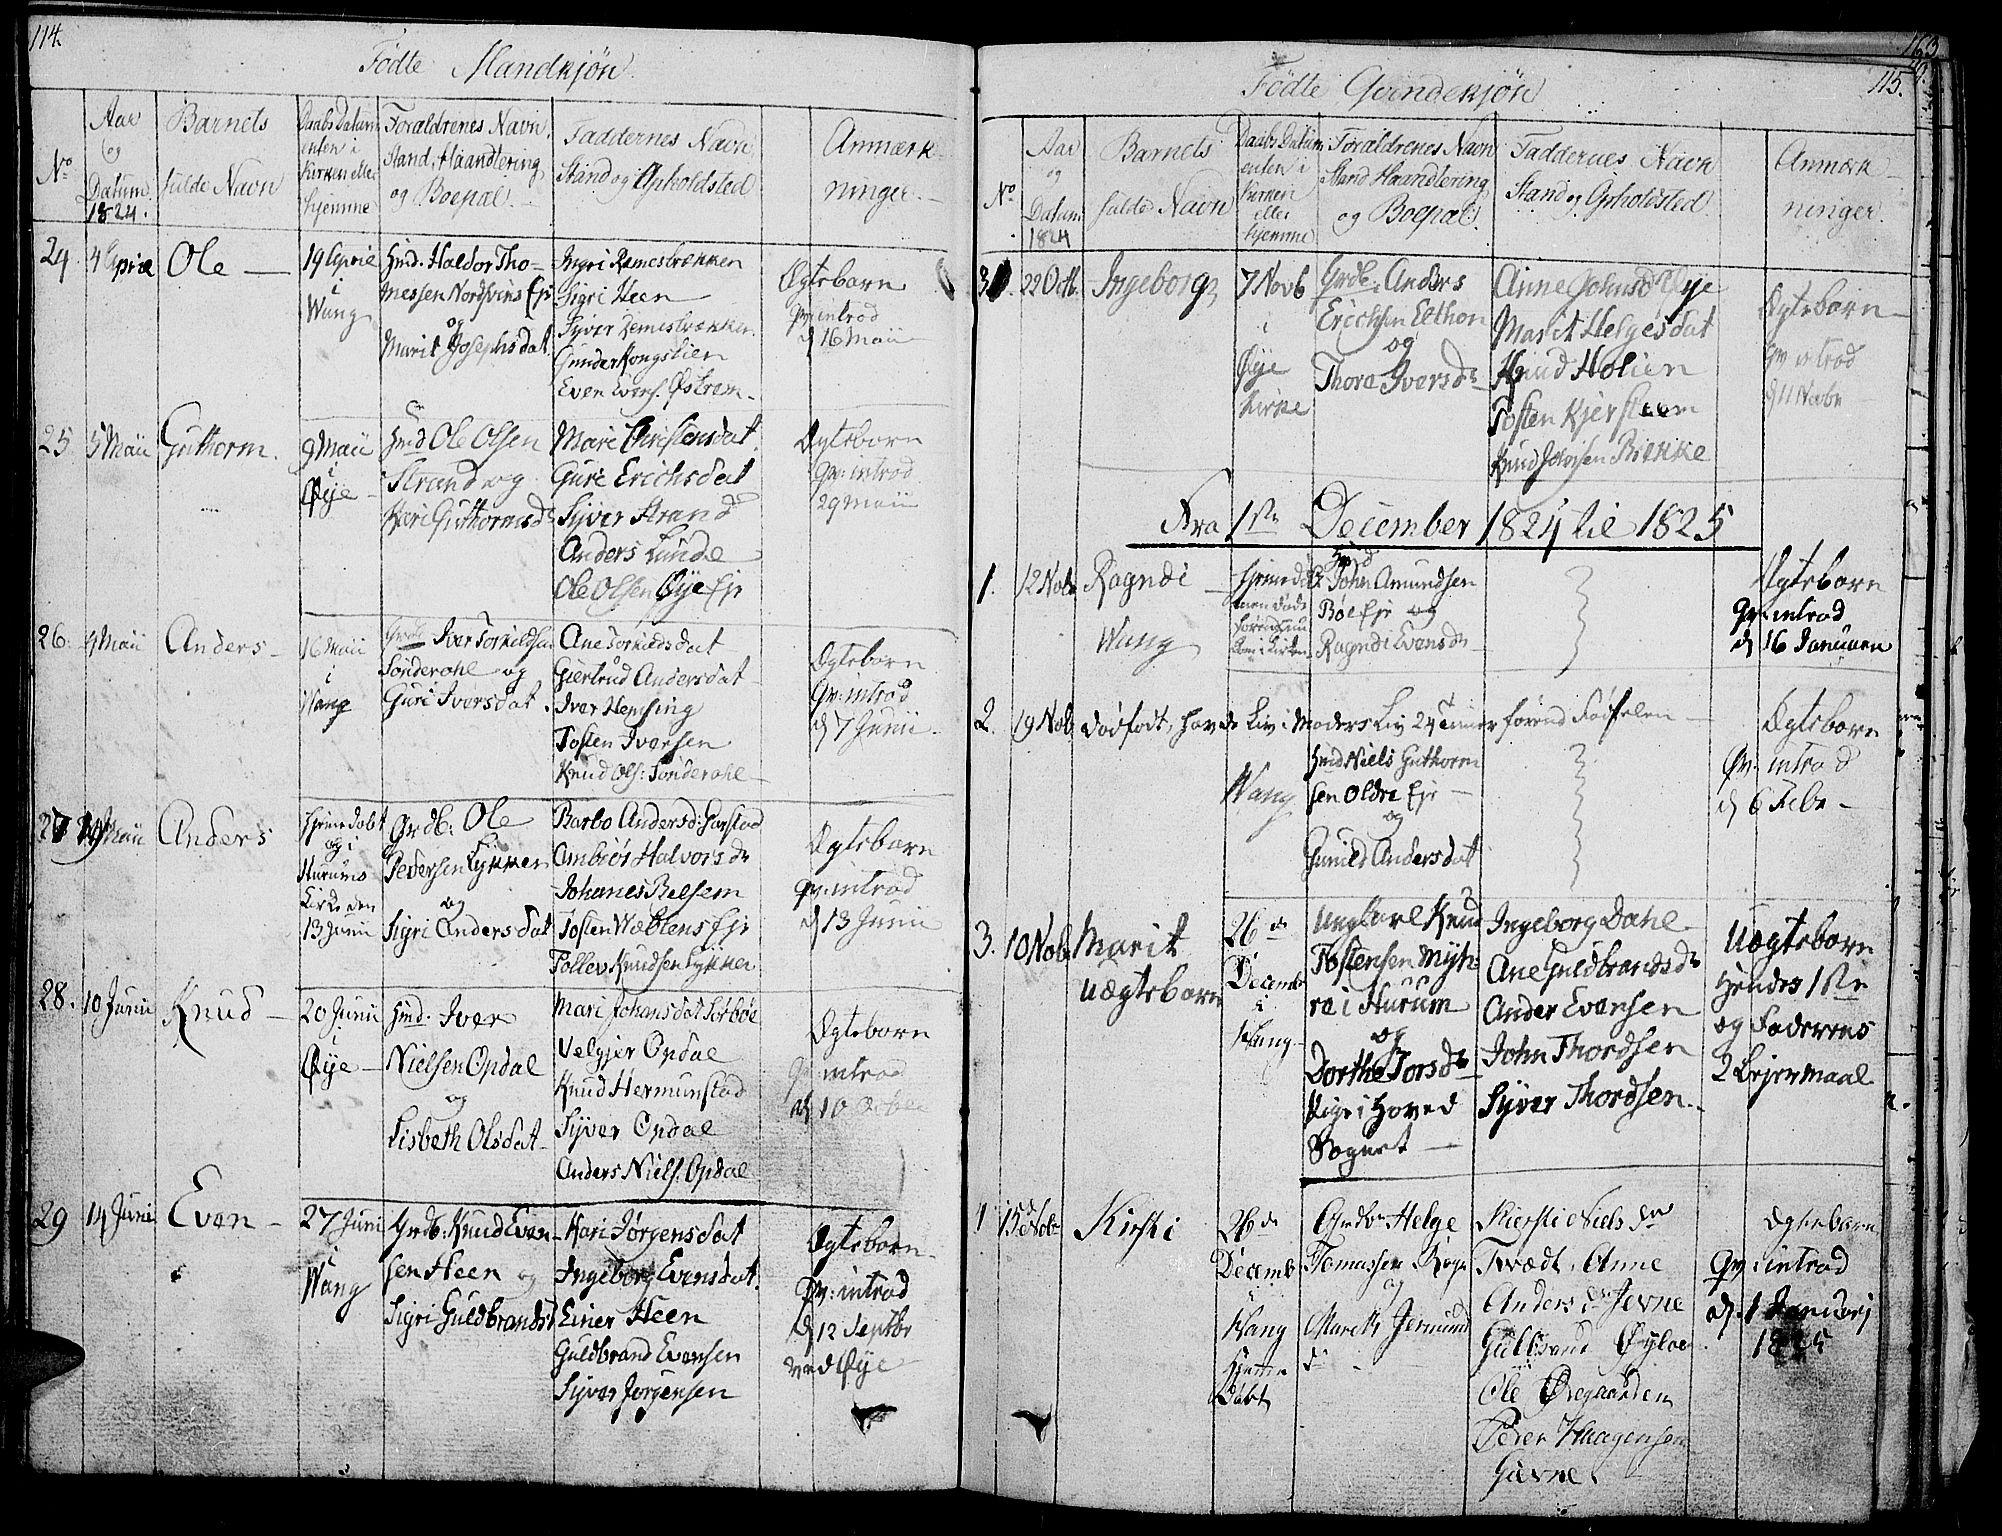 SAH, Vang prestekontor, Valdres, Ministerialbok nr. 3, 1809-1831, s. 114-115